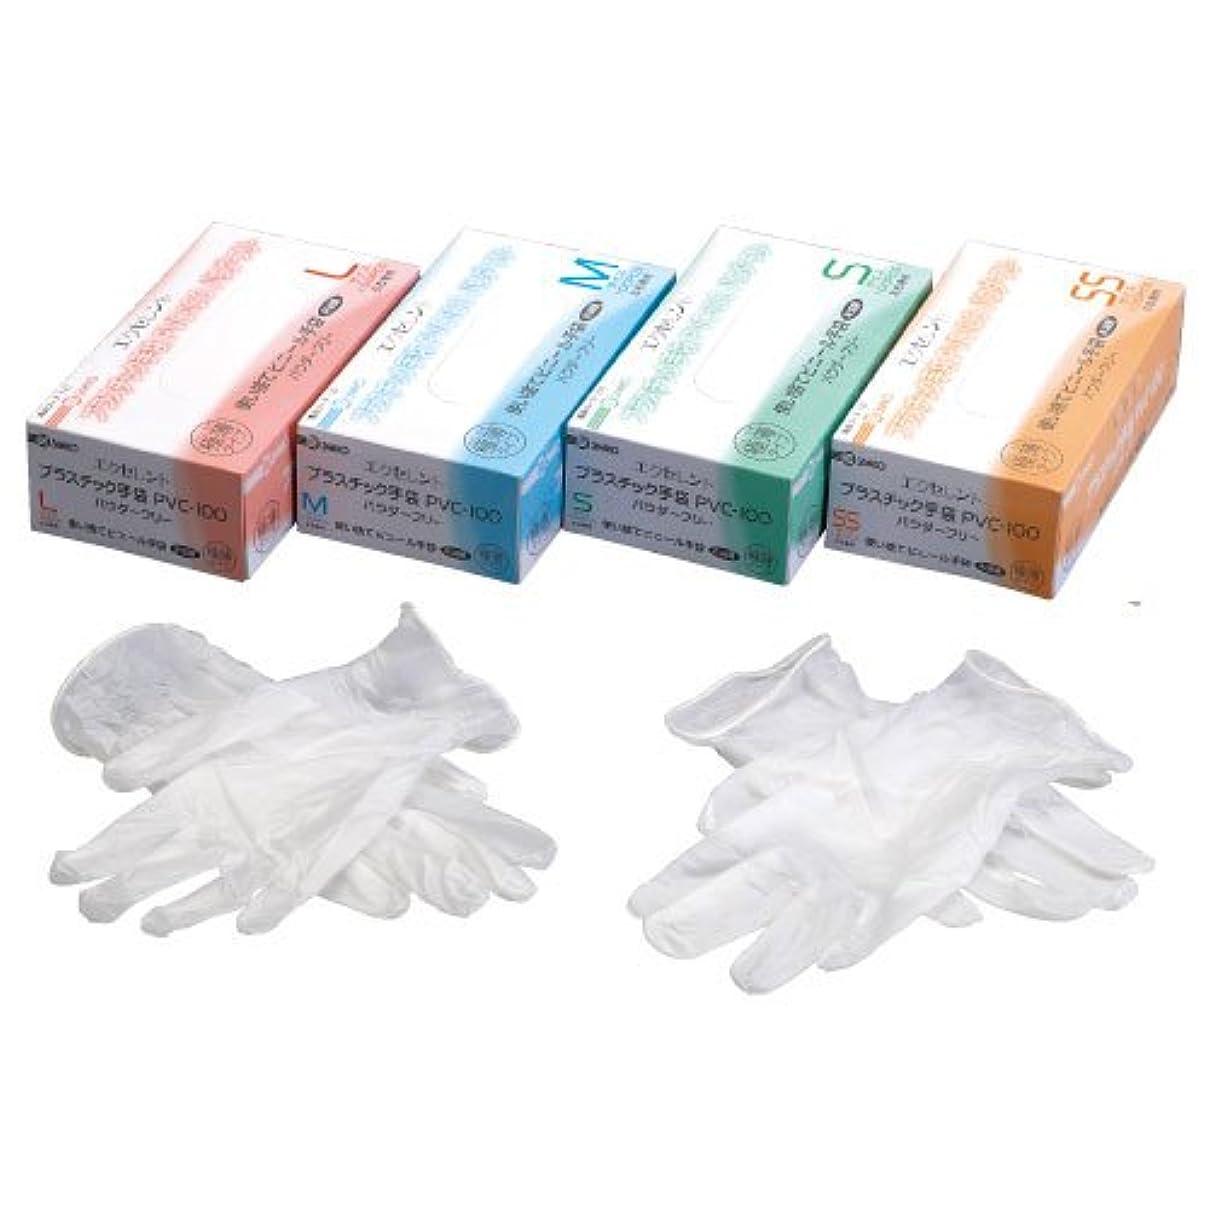 ワット殺人者与えるエクセレントプラスチック手袋PF PVC-100(100マイイリ) SS